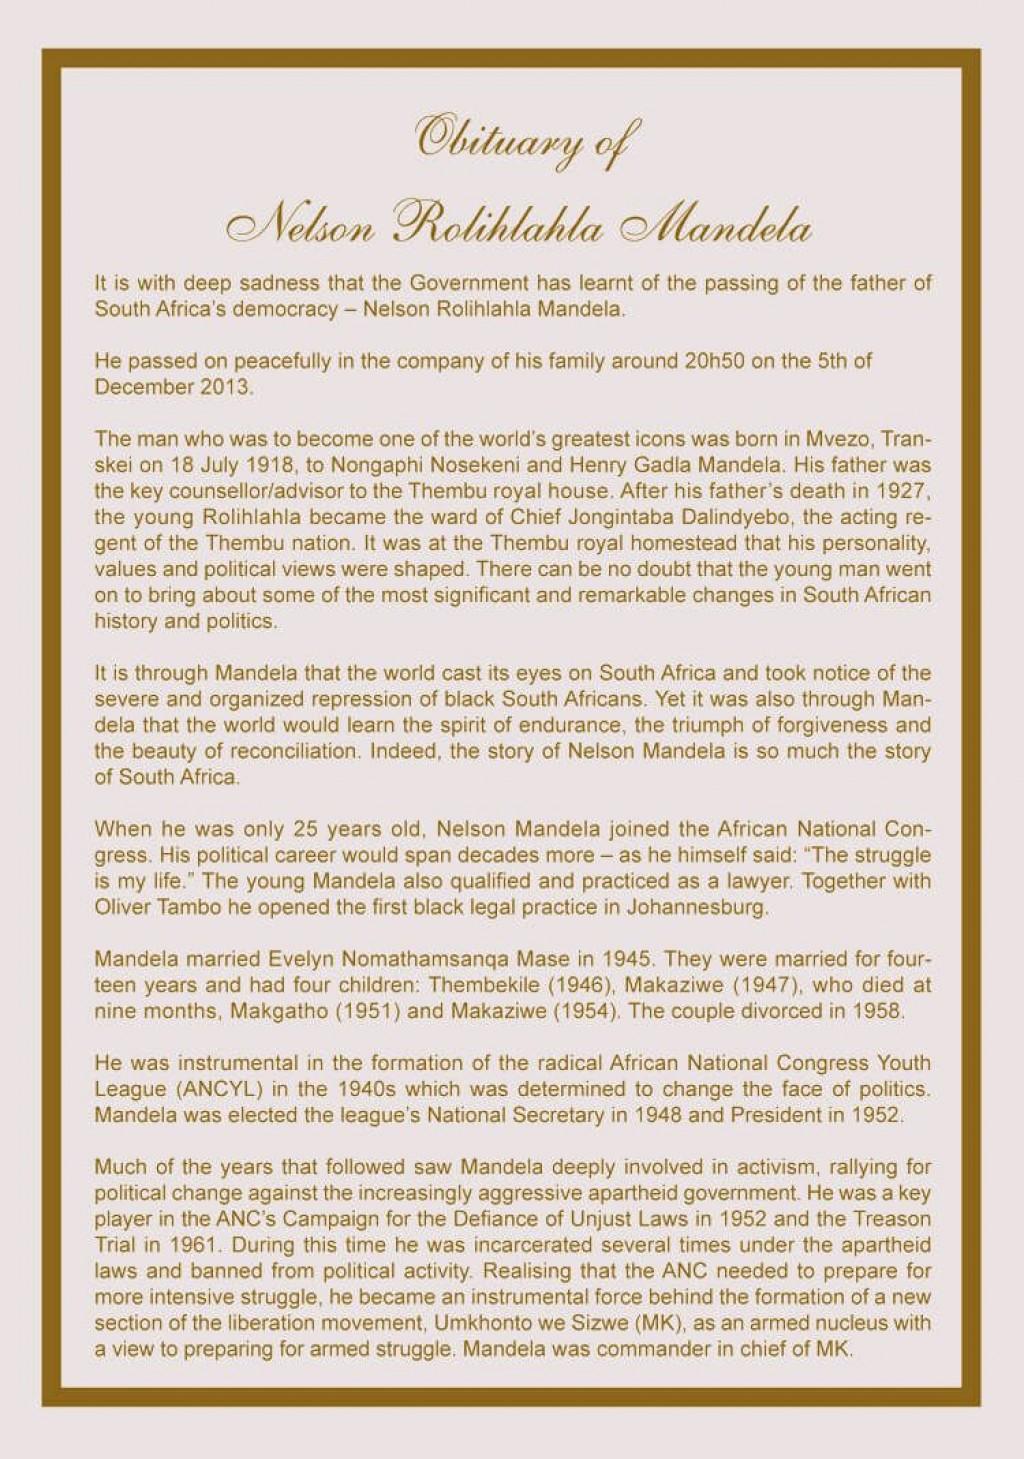 003 Fascinating Sample Wording For Funeral Program Highest Quality  ProgramsLarge